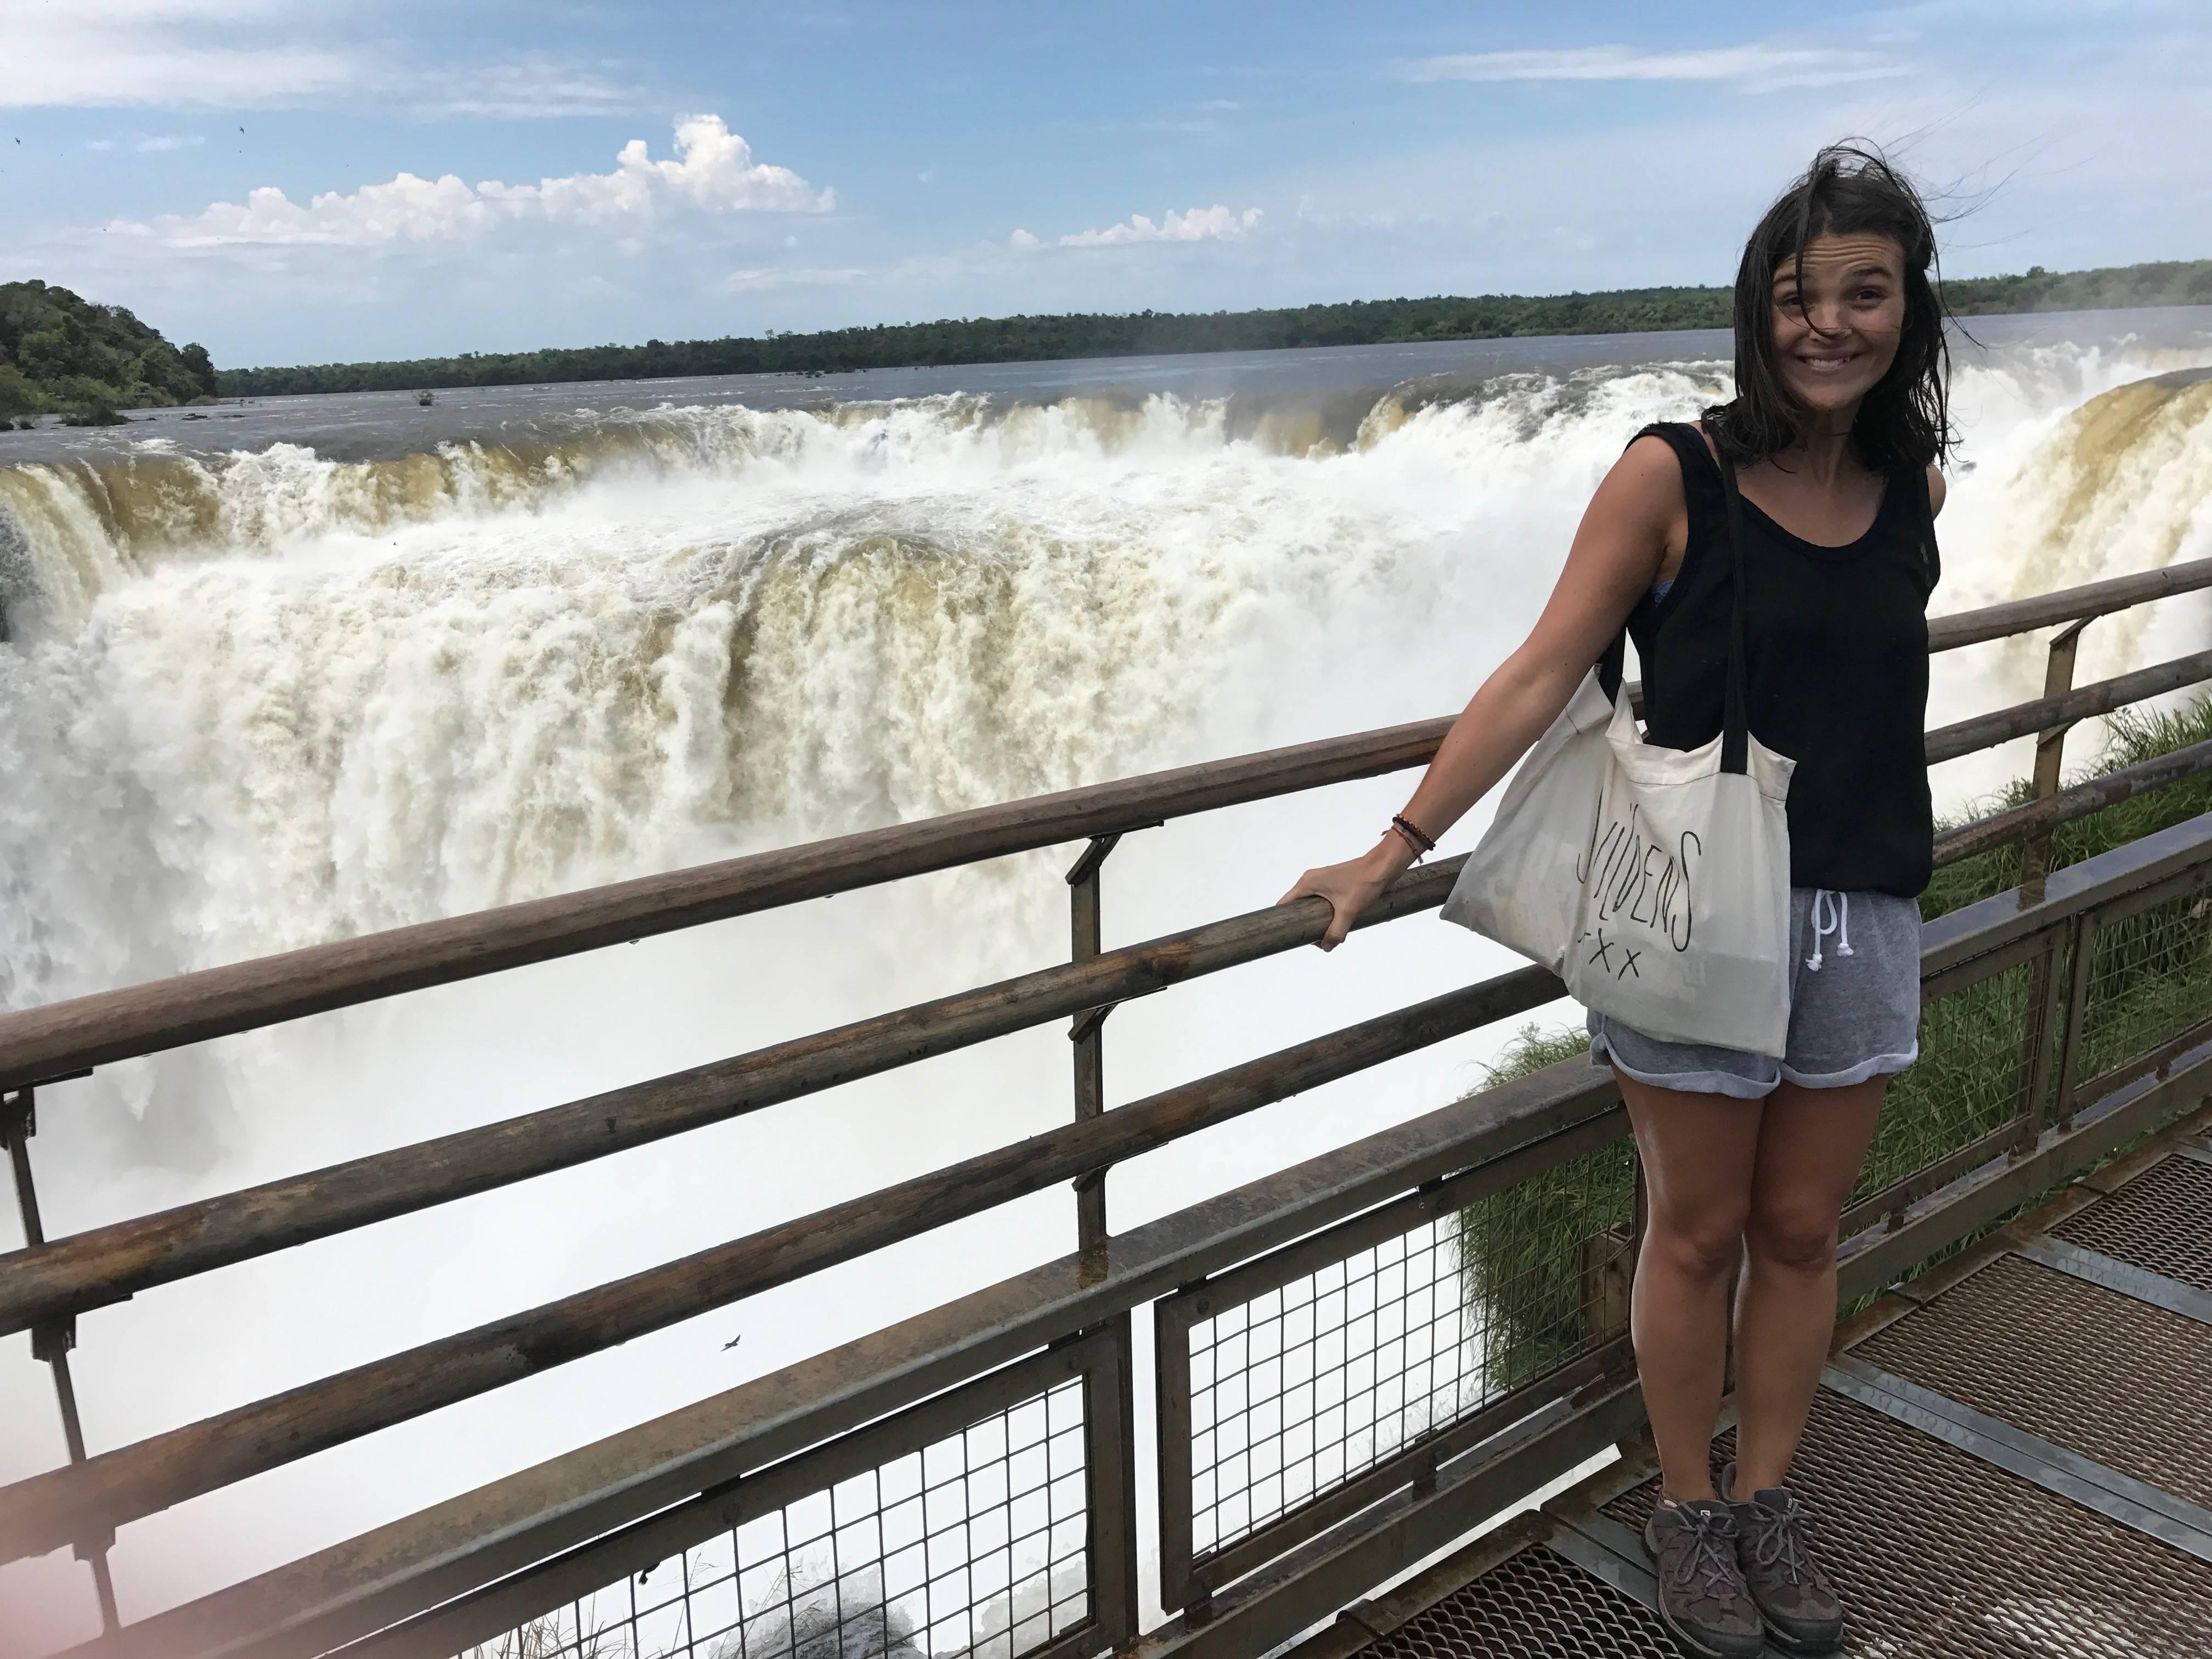 Photo 3: Les chutes d'Iguaçu en Argentine